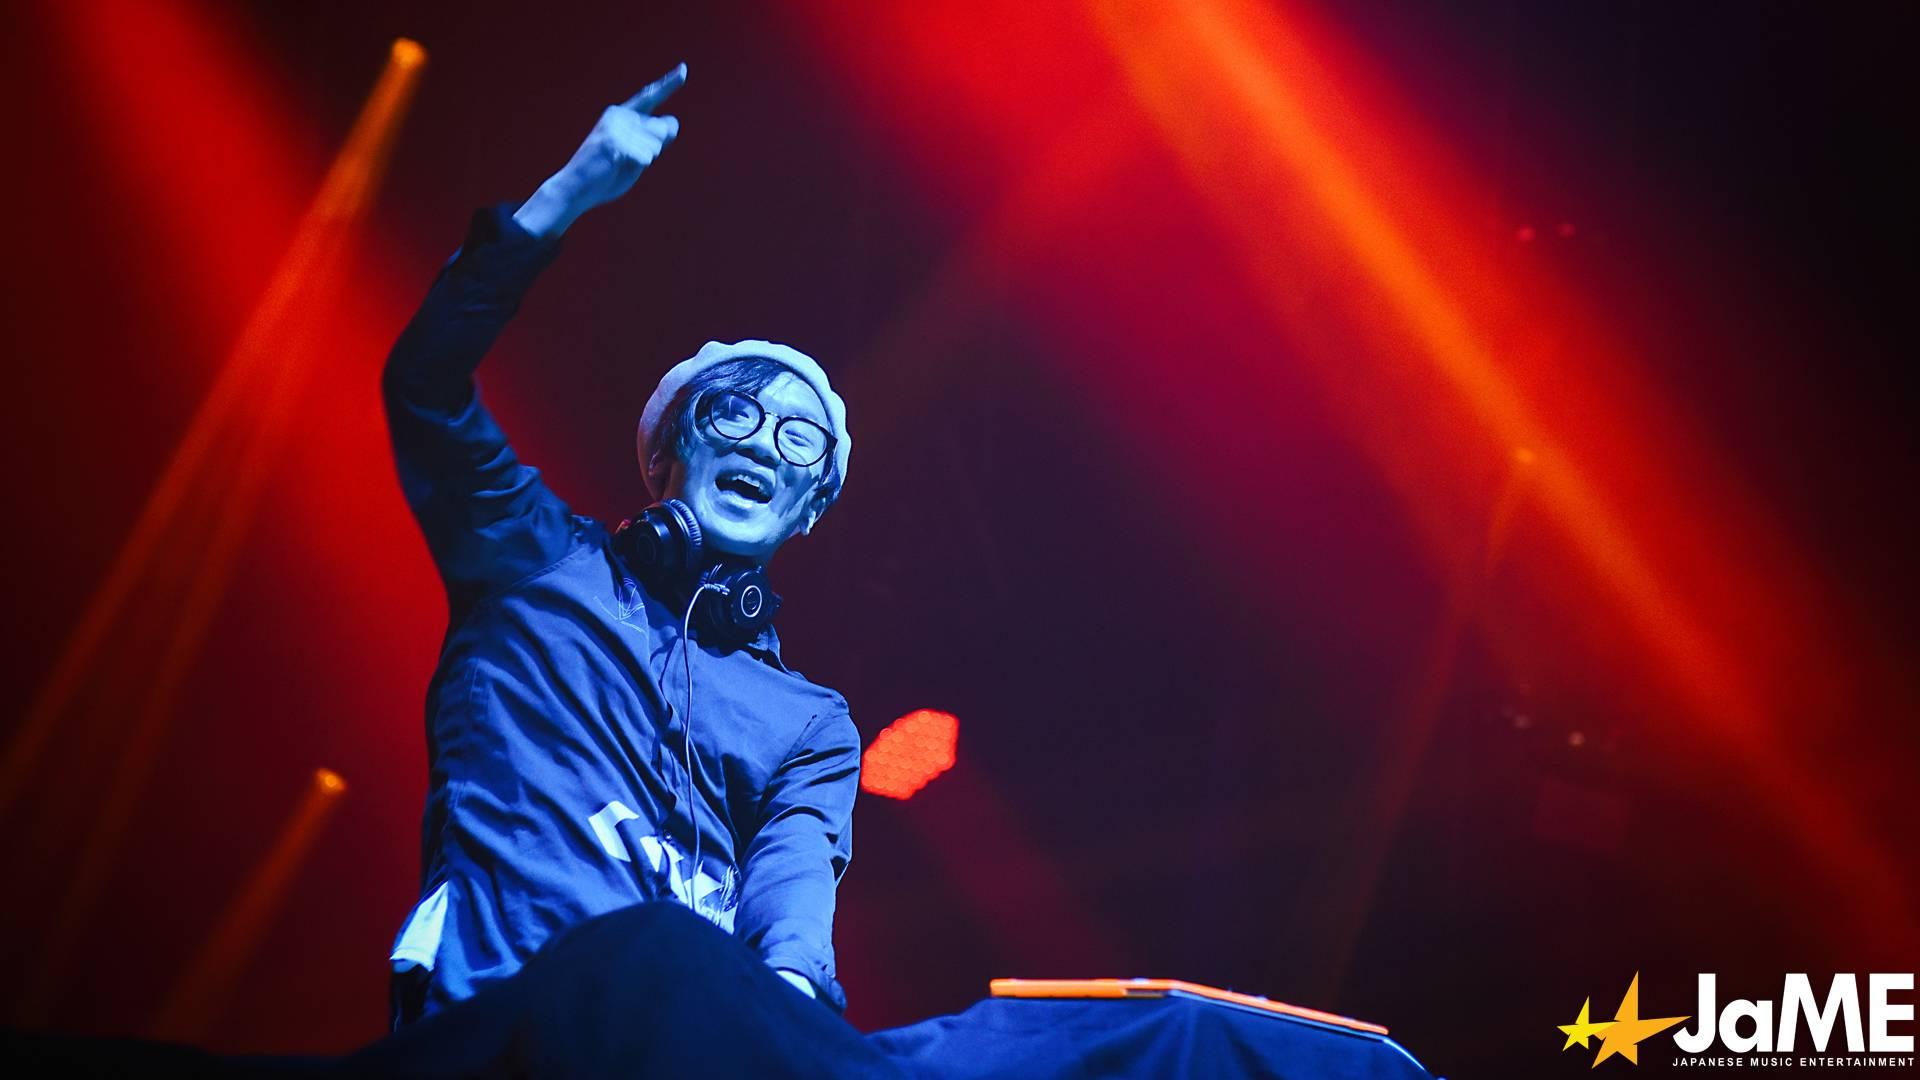 DJ Gettsu von EXIT TUNES auf der Bühne